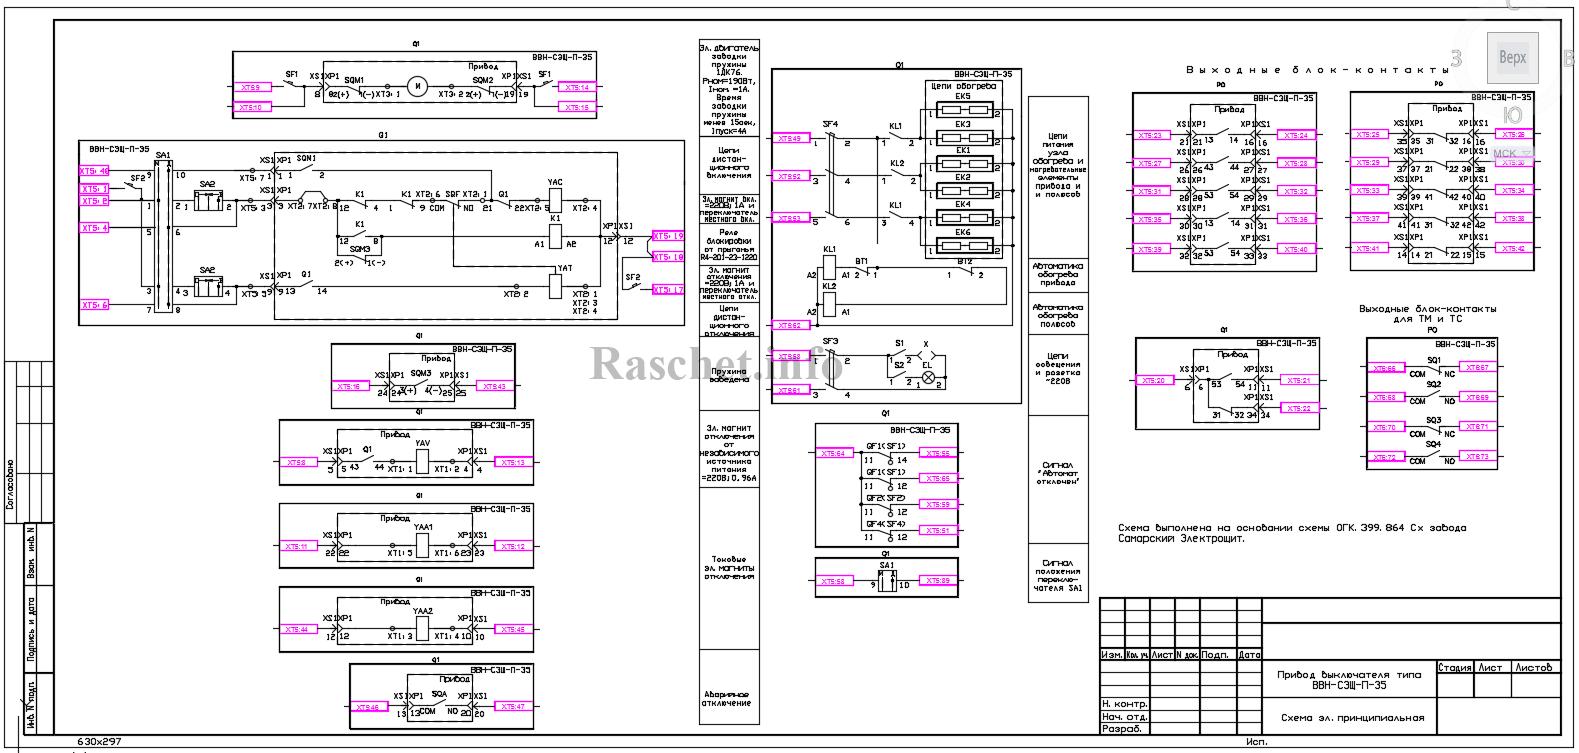 Схема привода выключателя ВВН-СЭЩ-П-35 в формате dwg